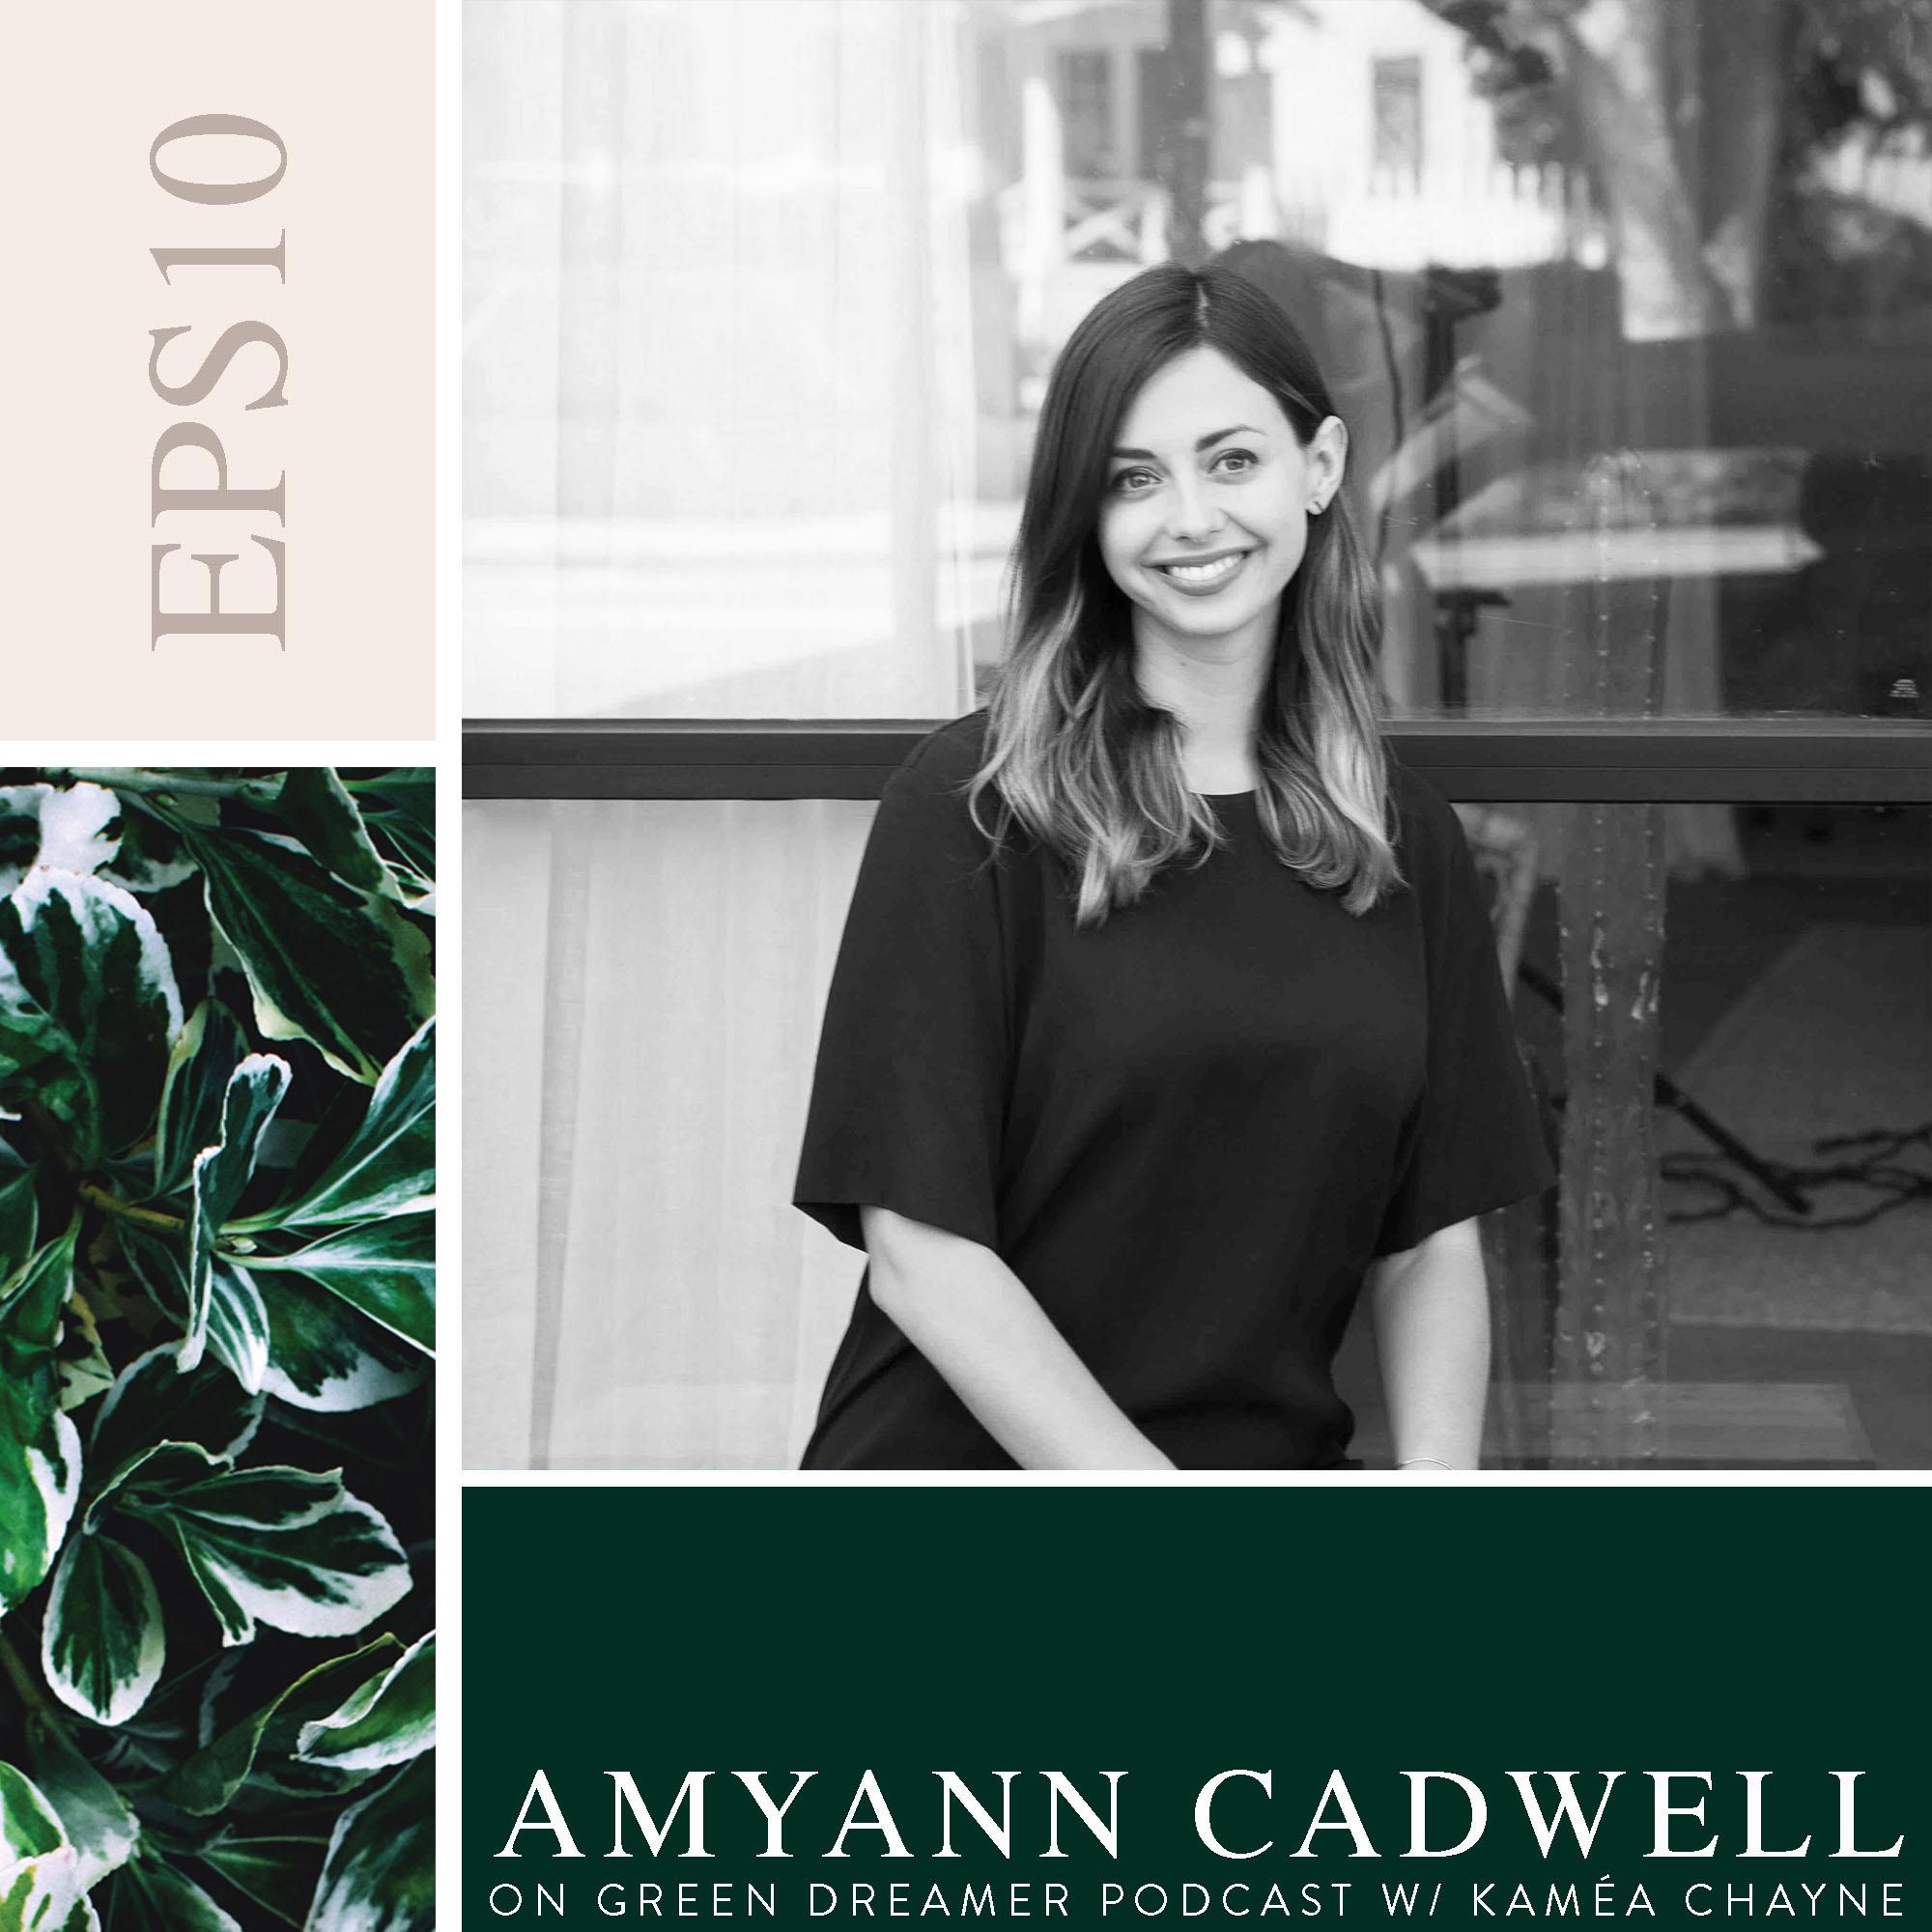 AmyAnn Cadwell on Sustainability via Green Dreamer Podcast with Kaméa Chayne